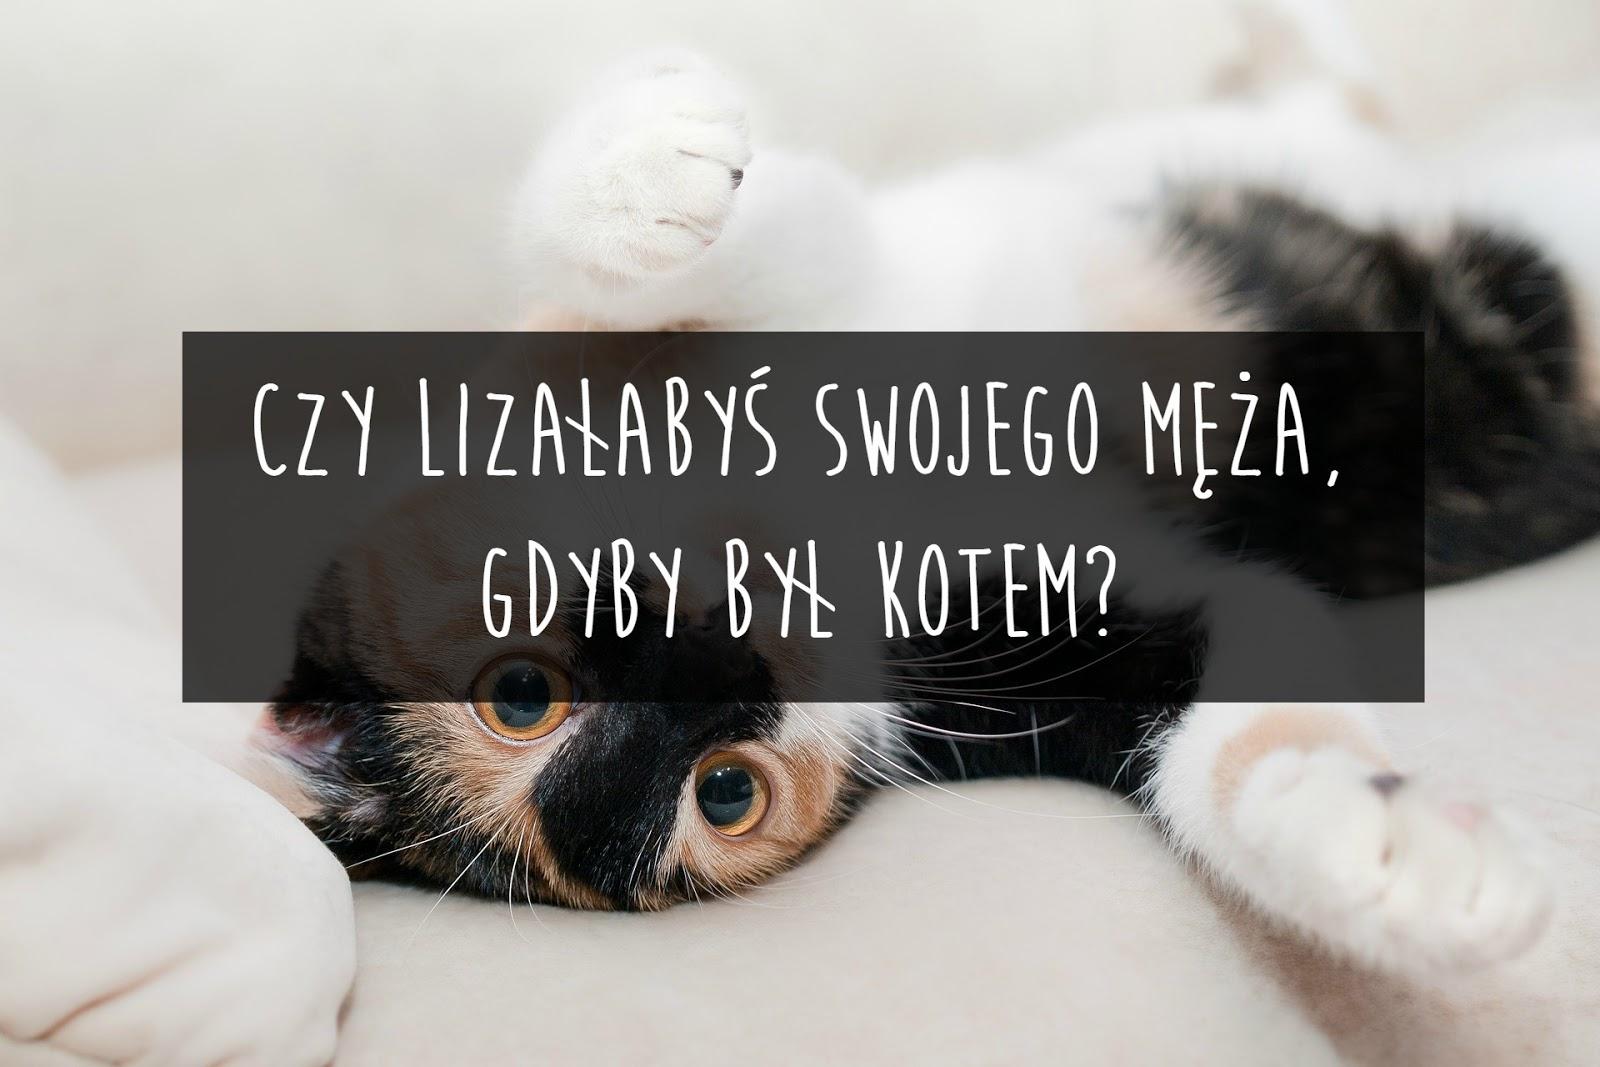 Czy lizałabyś swojego męża, gdyby był kotem?